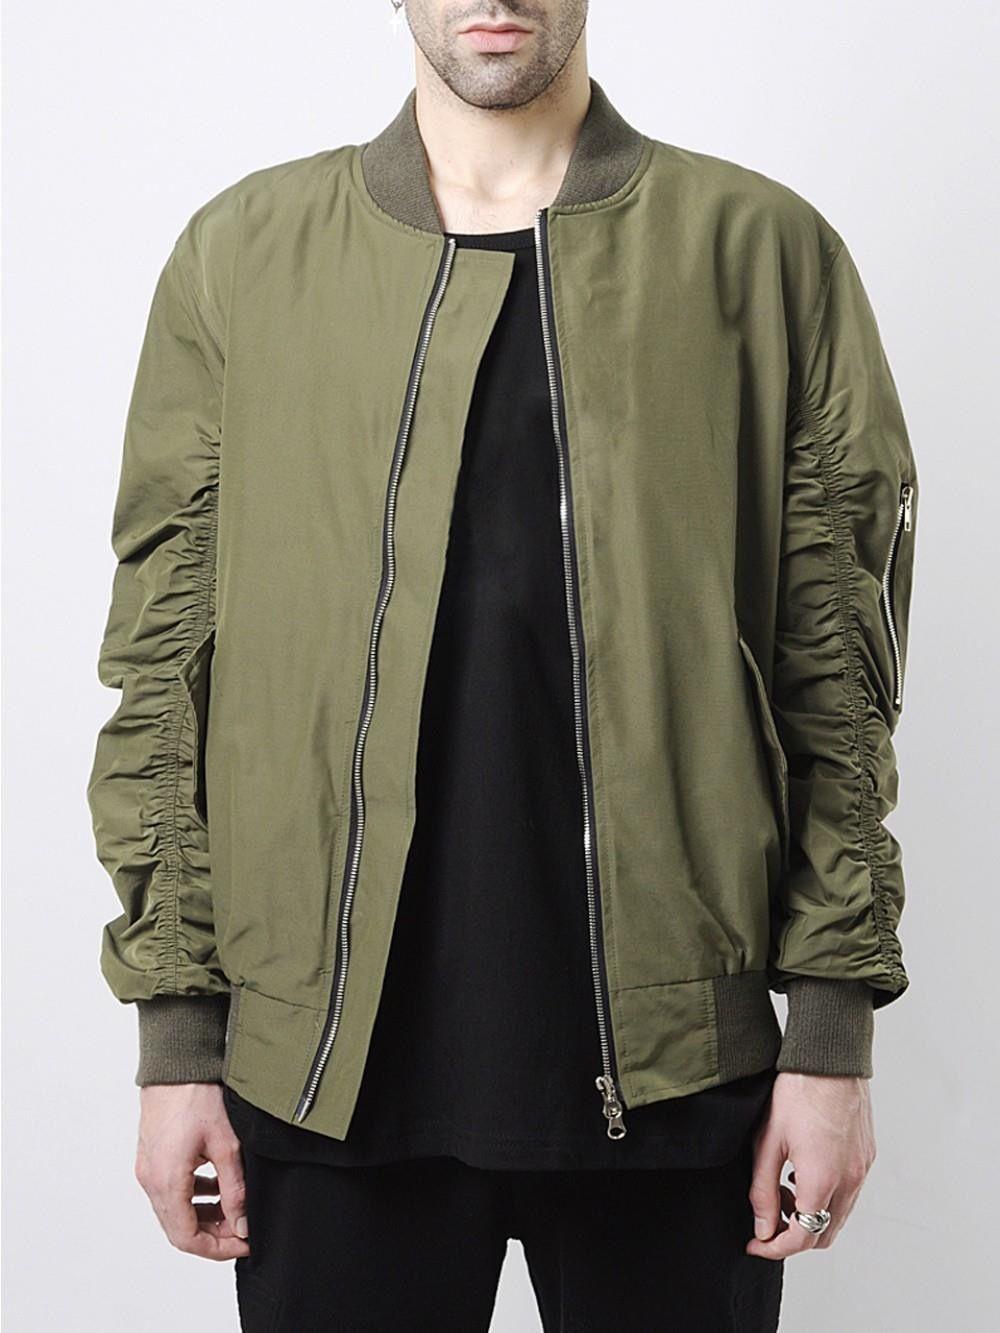 Bomber Jackets Jackets Available At Raxa Sports Whatsapp 00923456996595 Or Email Info Raxasports Com Pk Bomber Jacket Jackets Clothes [ 1333 x 1000 Pixel ]